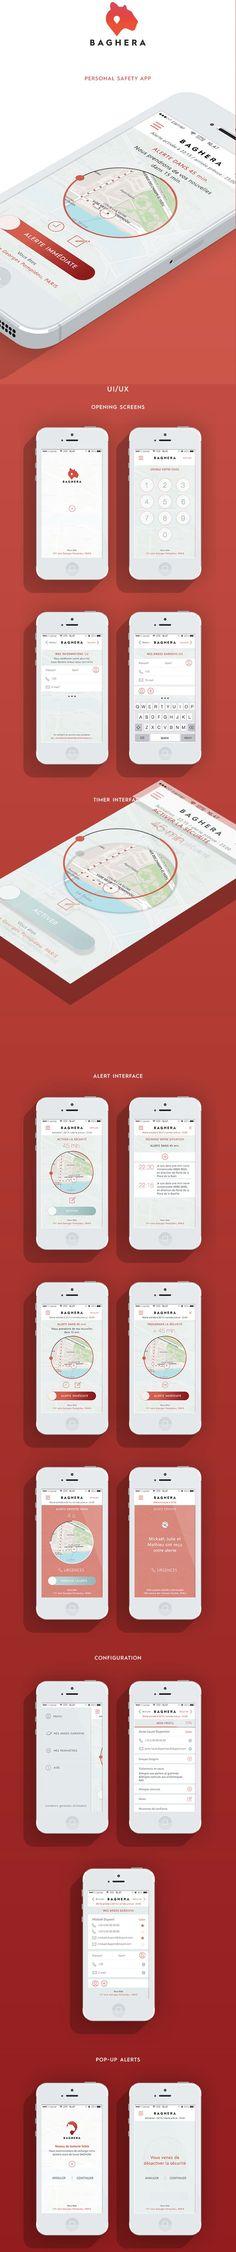 Daily Mobile UI Design Inspiration #446